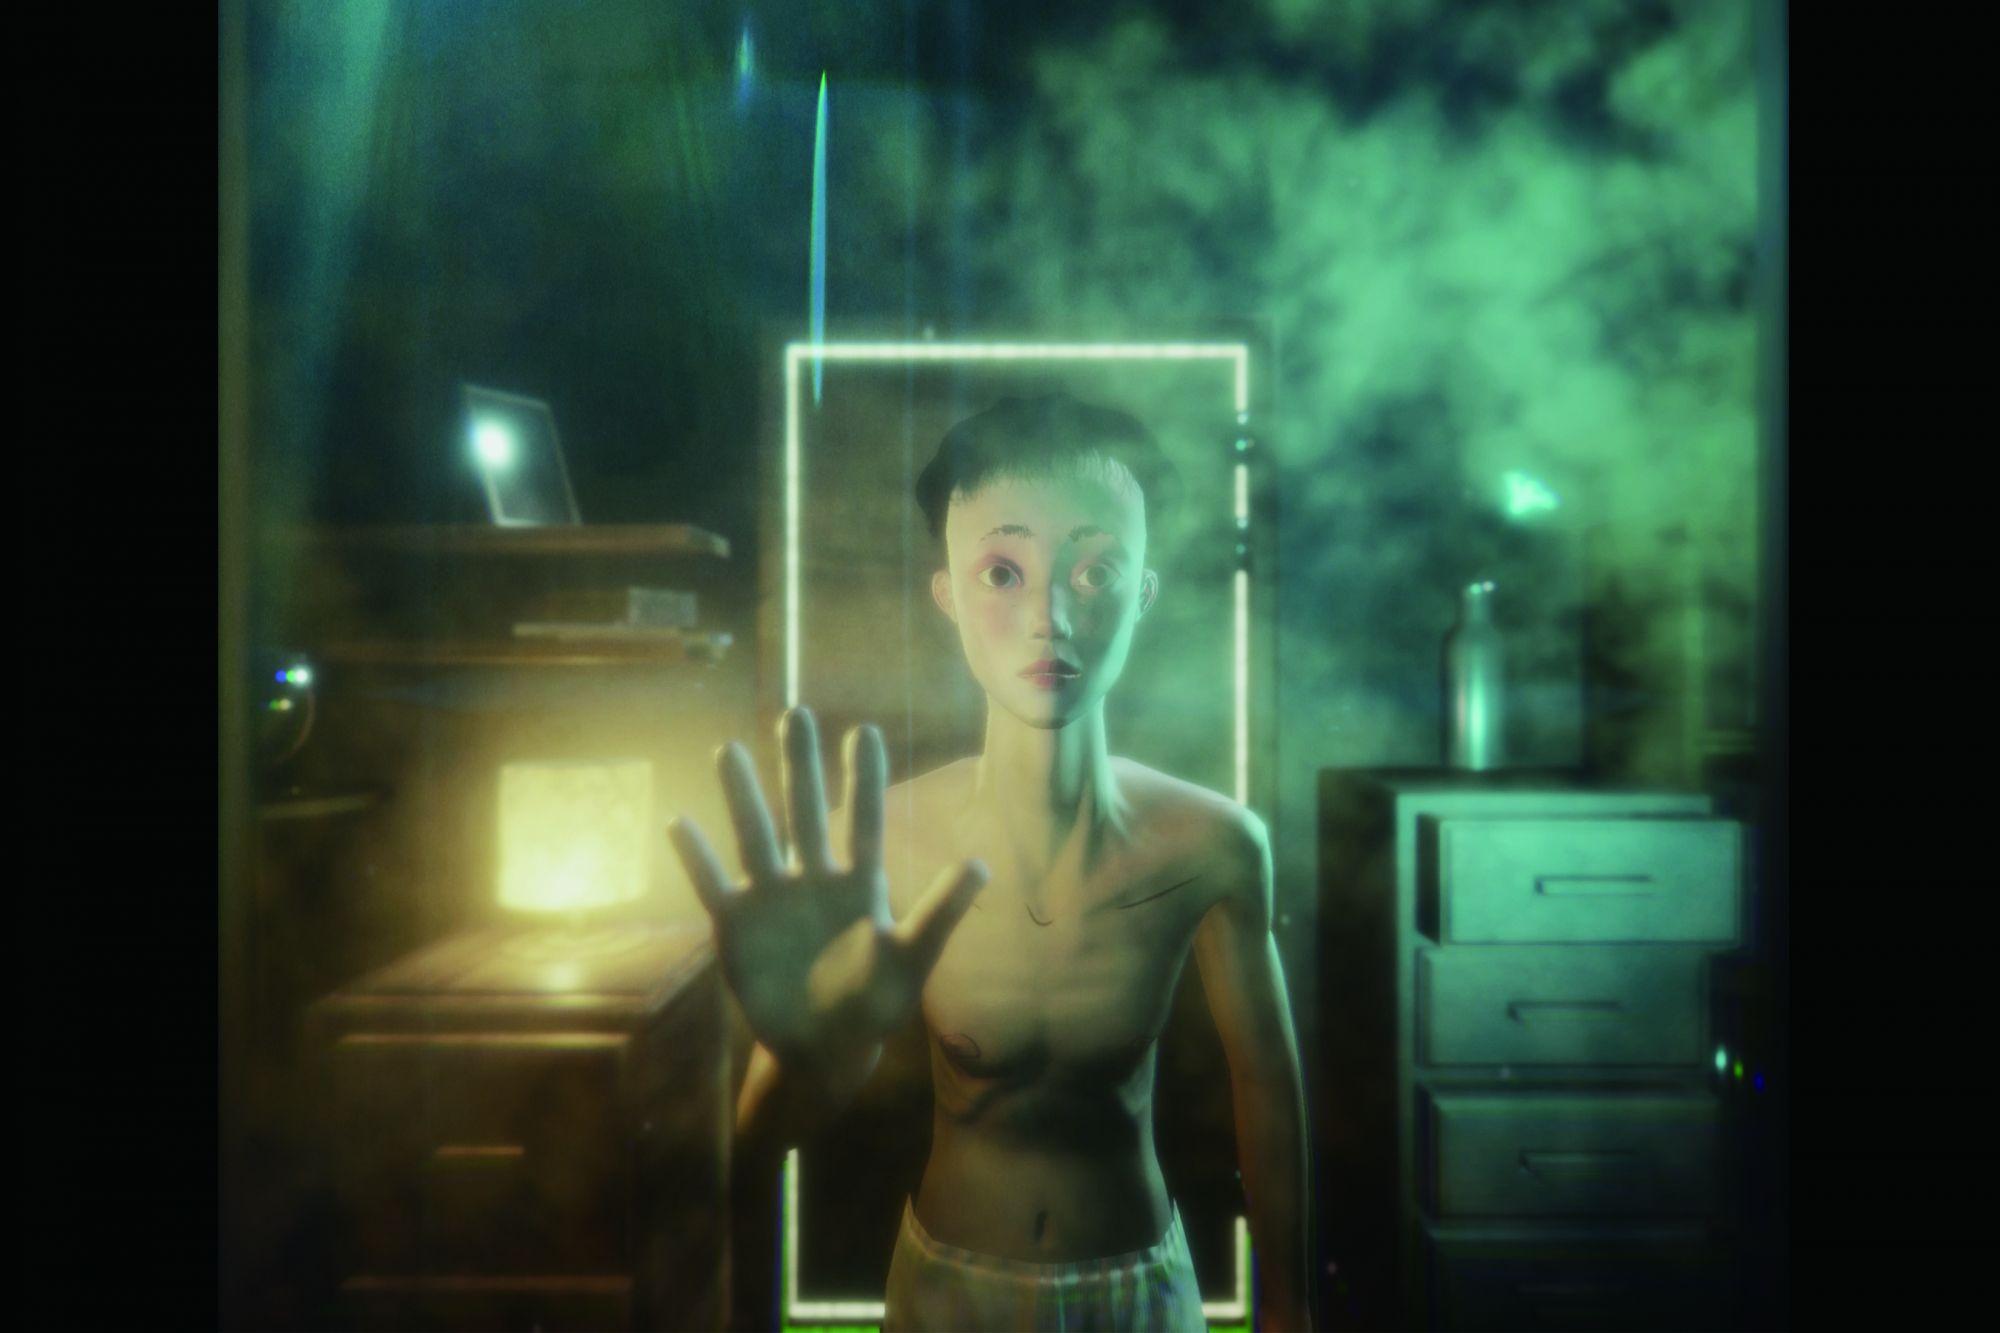 藝術家李語豪的VR動畫作品《女子》透過身歷其境的觀影體驗,探討著性別認同議題。